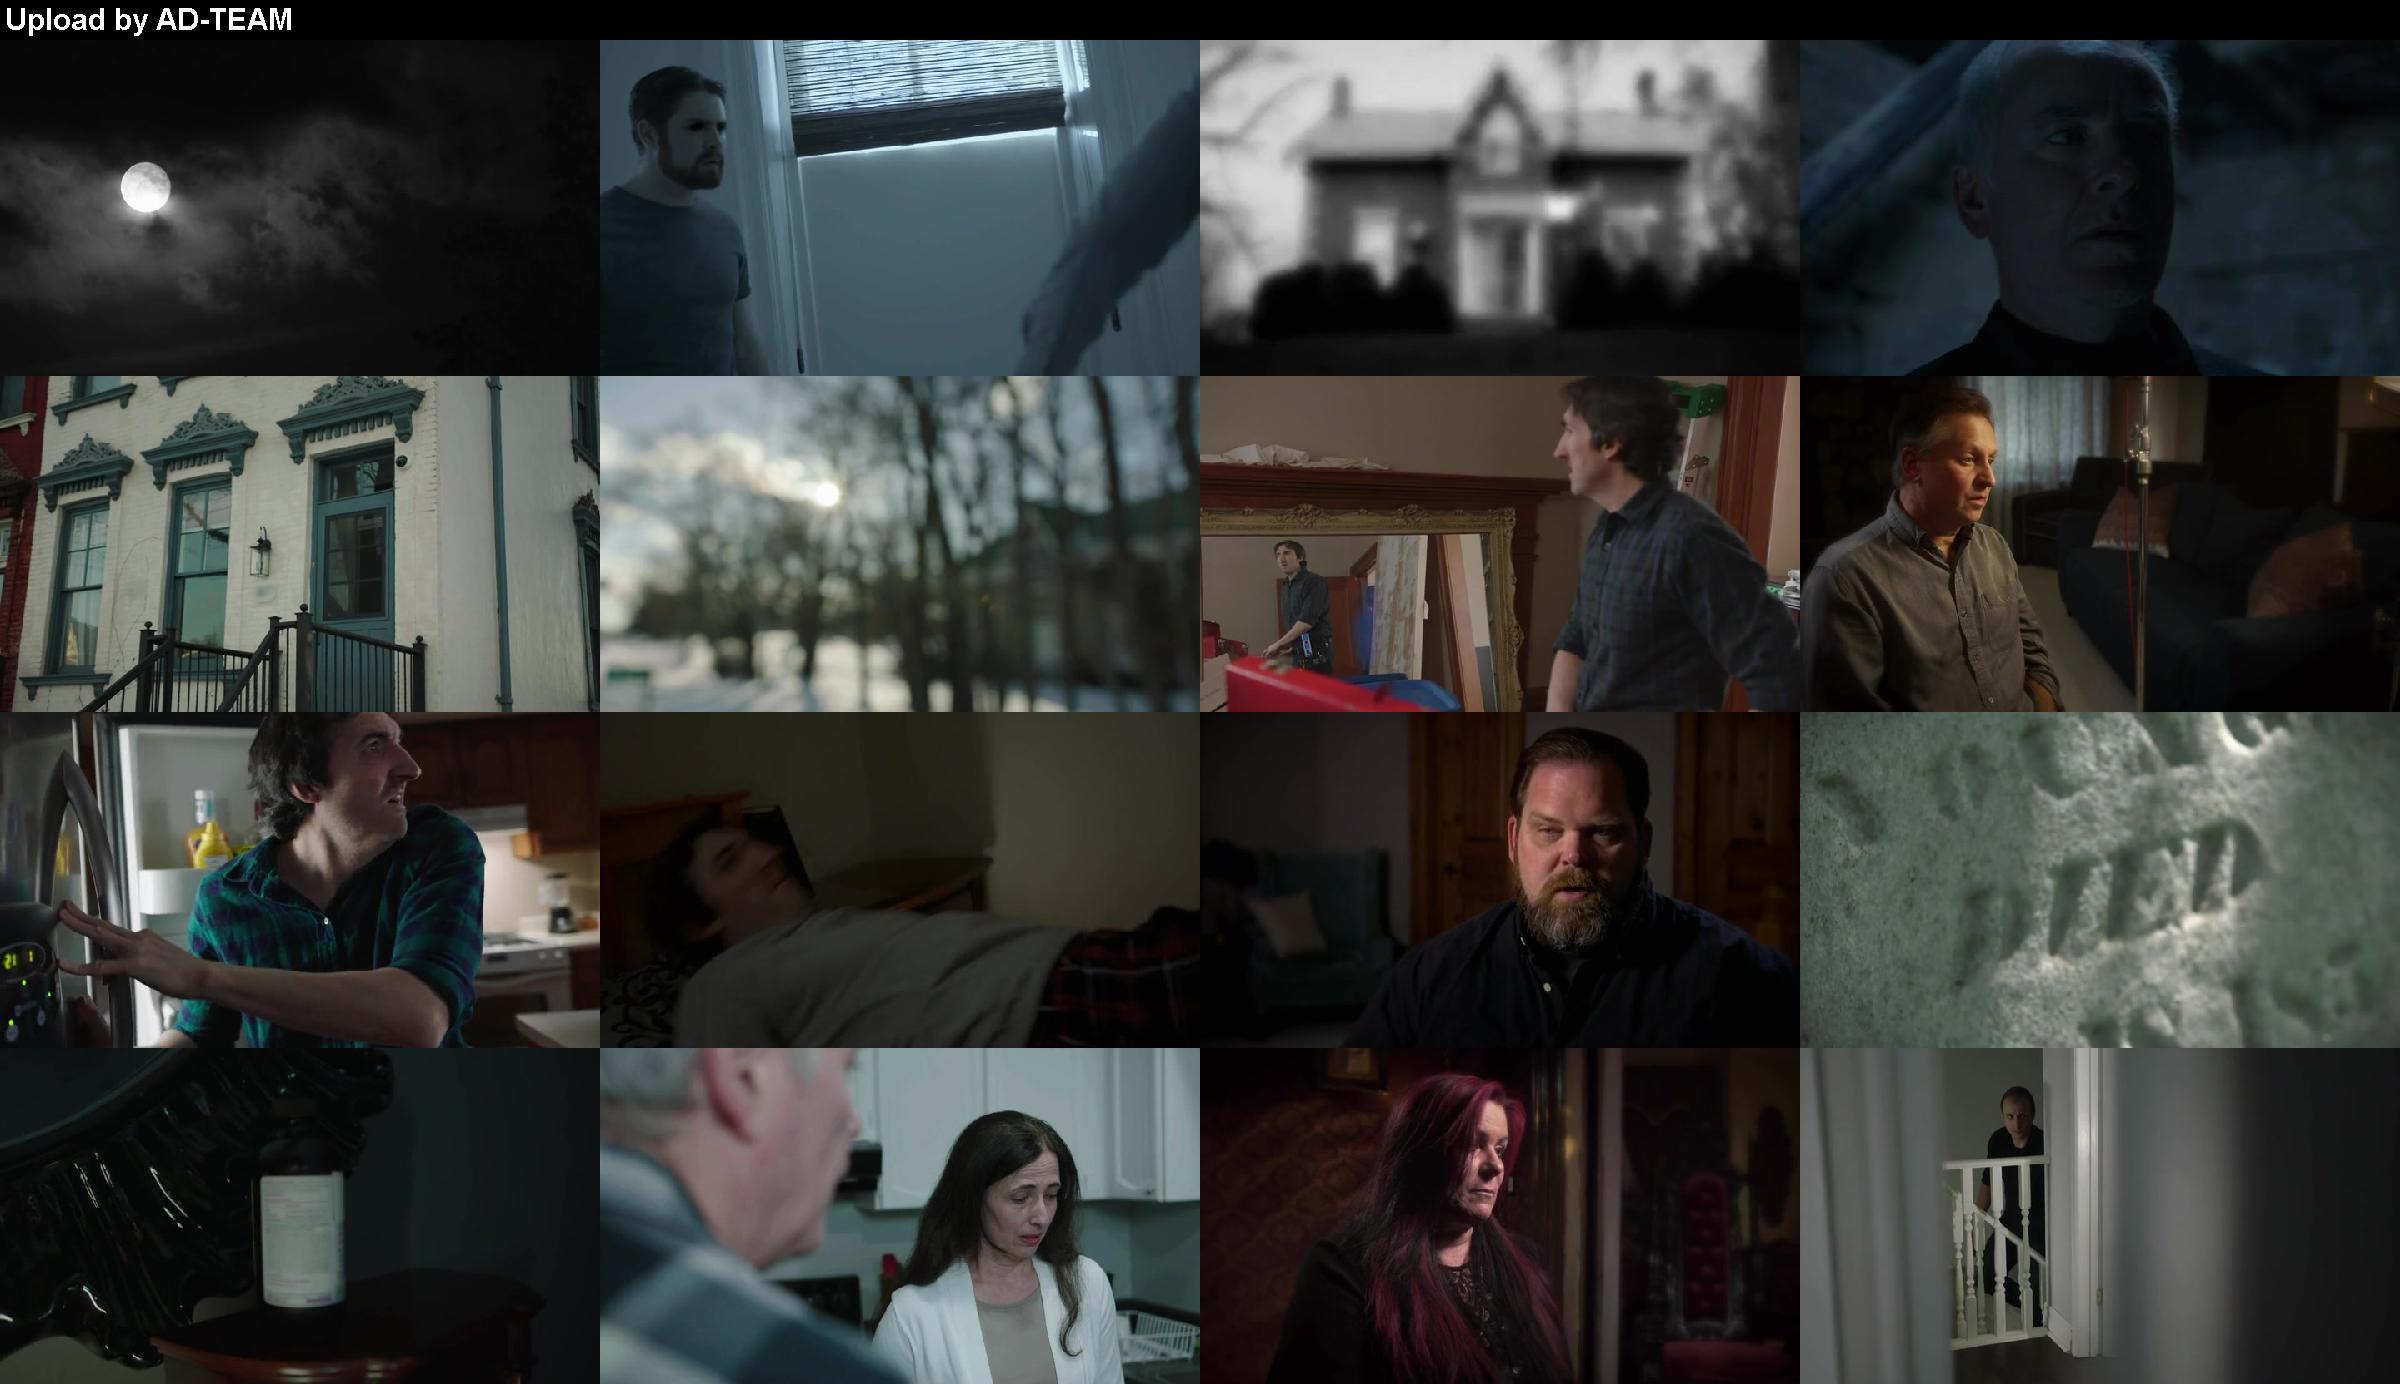 Paranormal Survivor S05e04 Tormented By Shadows Webrip X264-caffeine